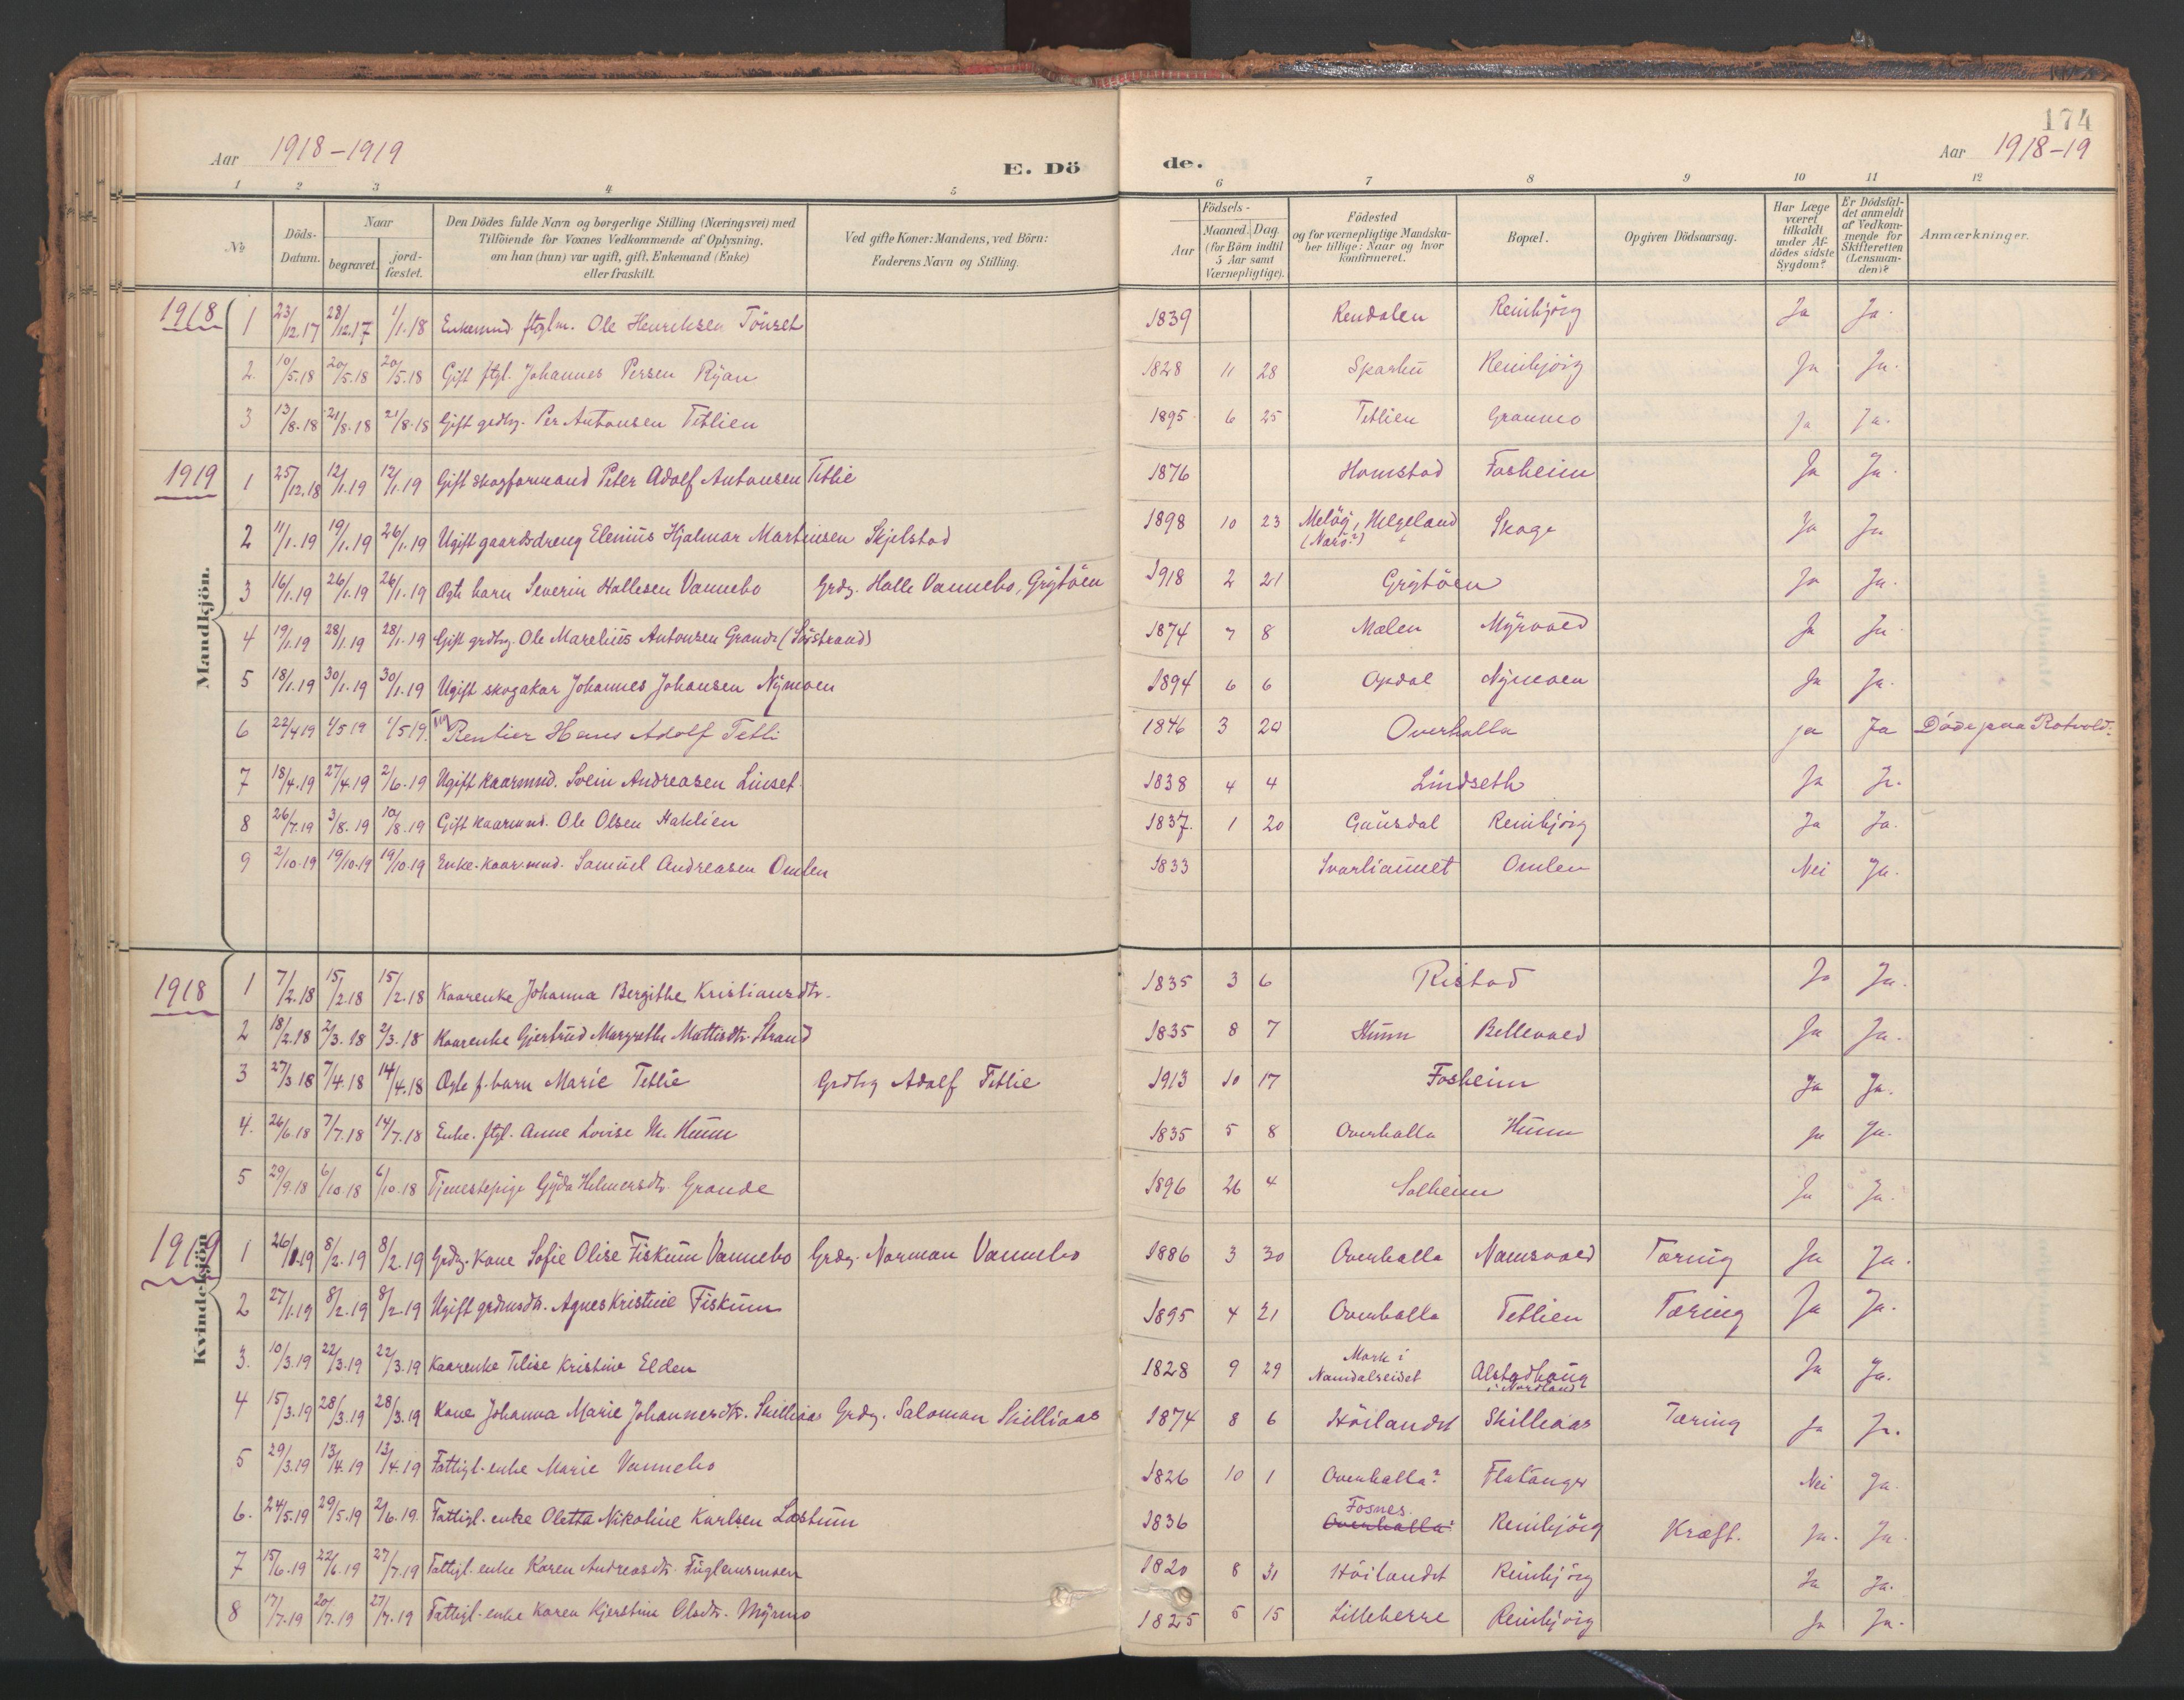 SAT, Ministerialprotokoller, klokkerbøker og fødselsregistre - Nord-Trøndelag, 766/L0564: Ministerialbok nr. 767A02, 1900-1932, s. 174